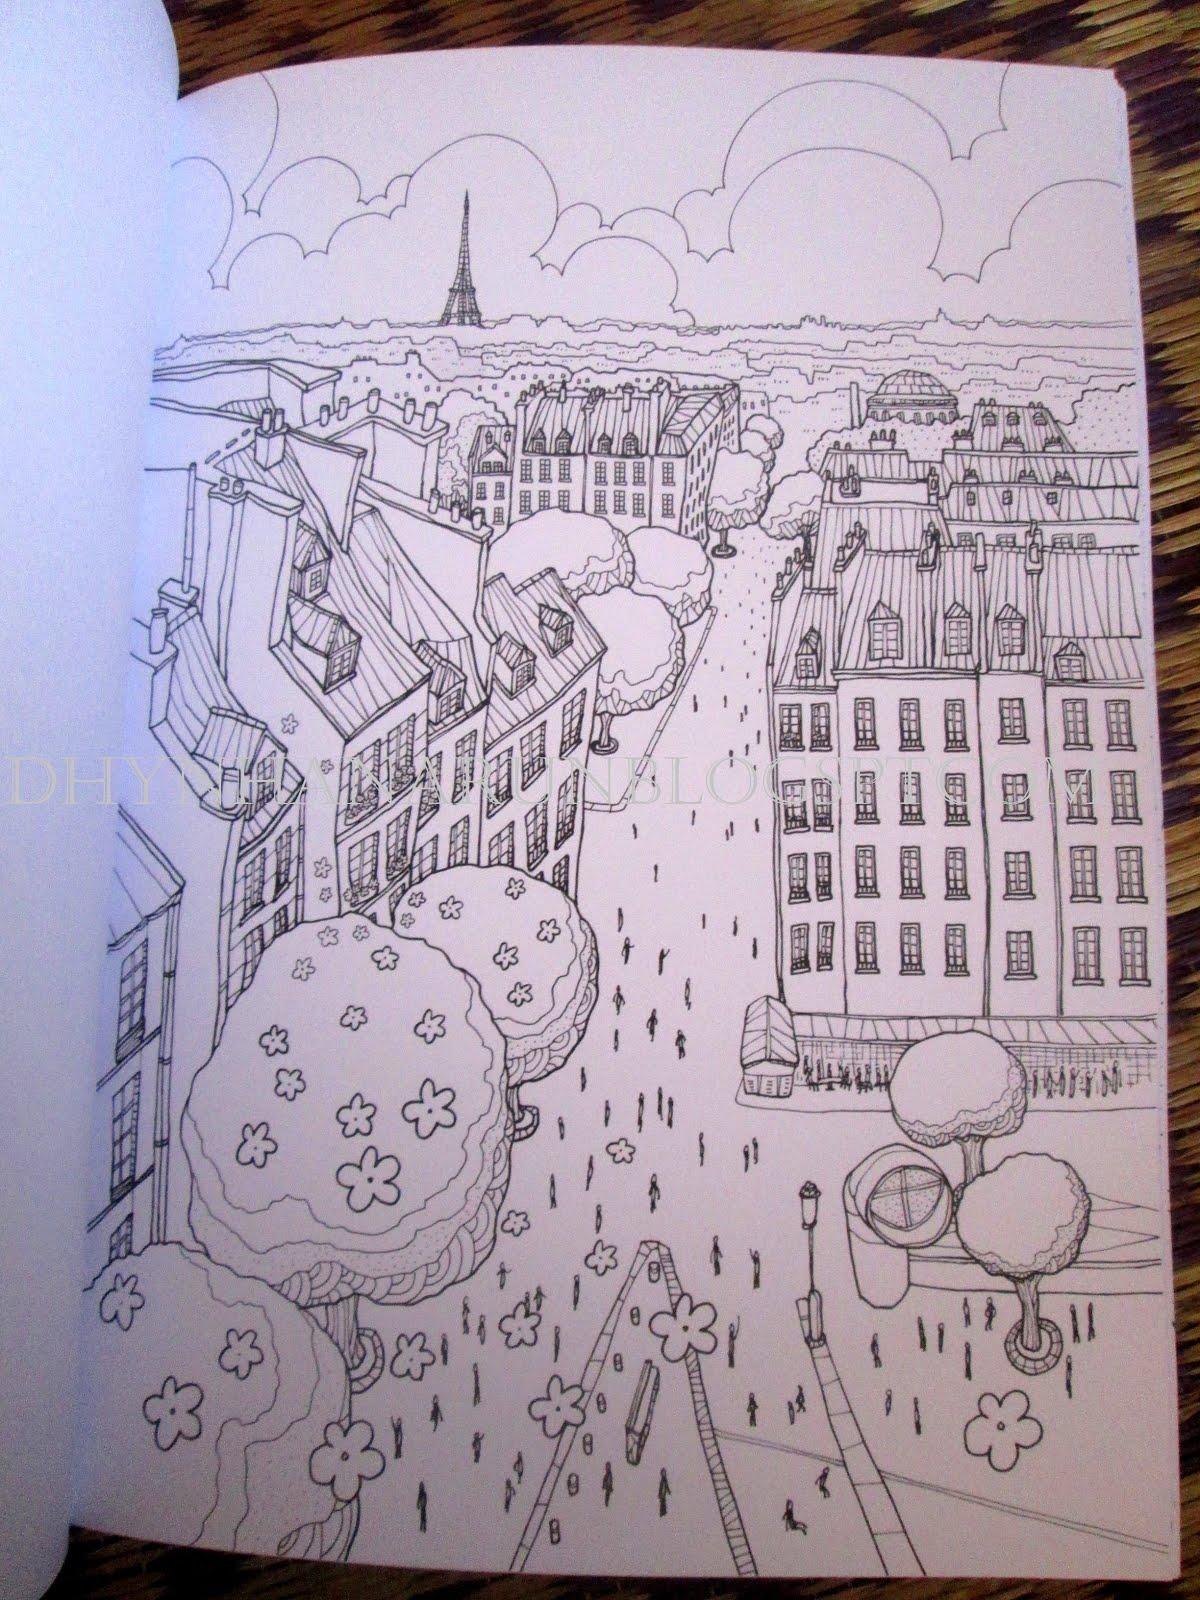 Coloring book untuk dewasa - A Heart S Journey With Coloring Book Soleil France Adalah Buku Mewarnai Yang Sangat Menyenangkan Tak Hanya Ilustrasinya Yang Cocok Dengan Minatku